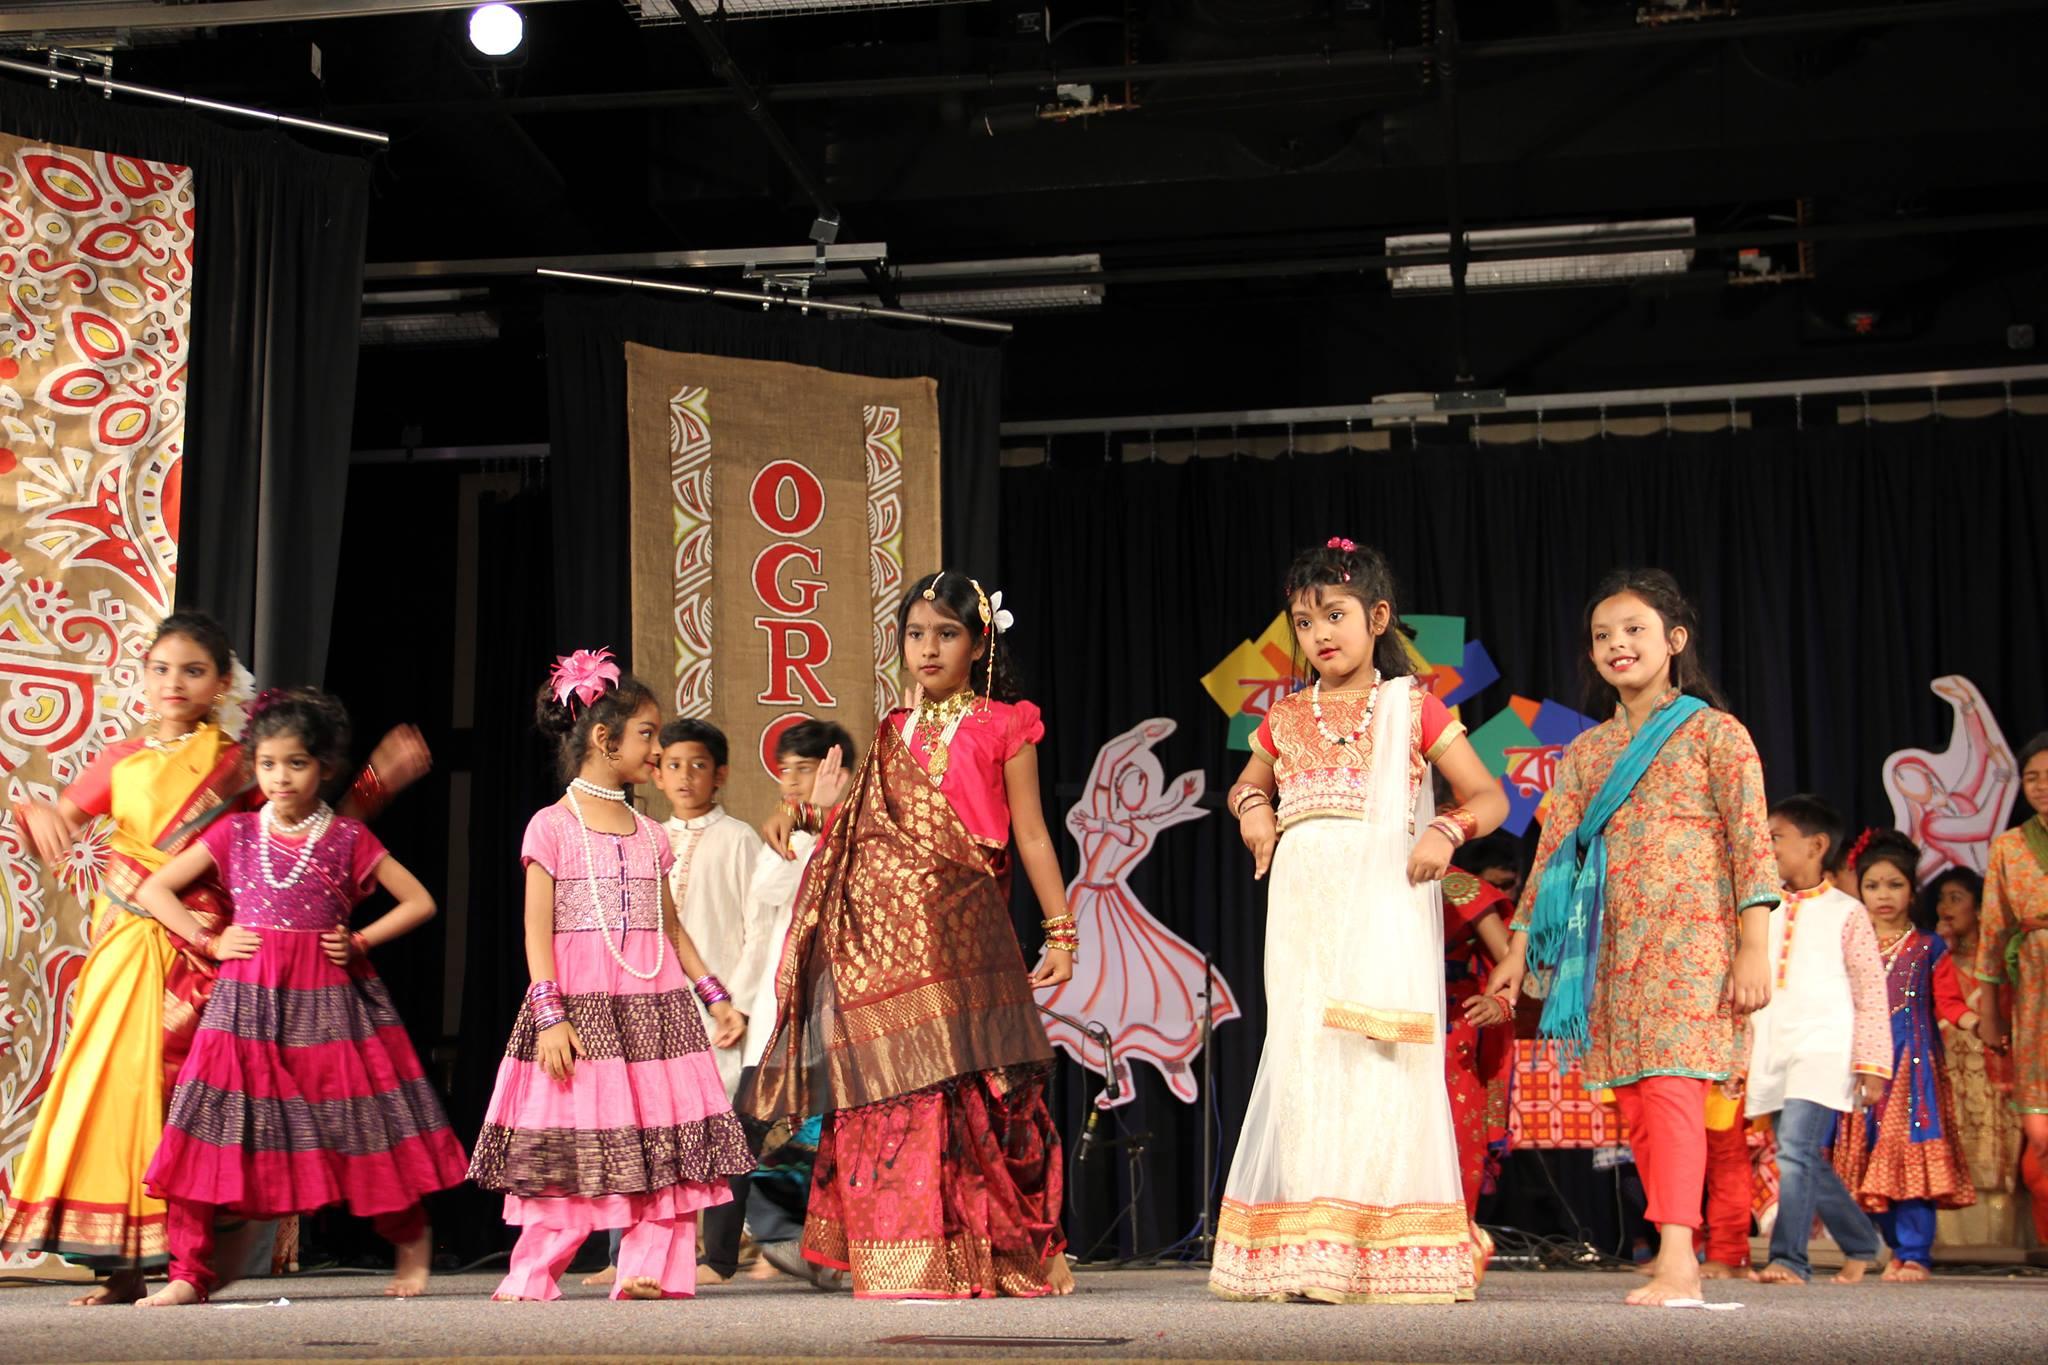 Ogrojatra Boishaki event 2017 20